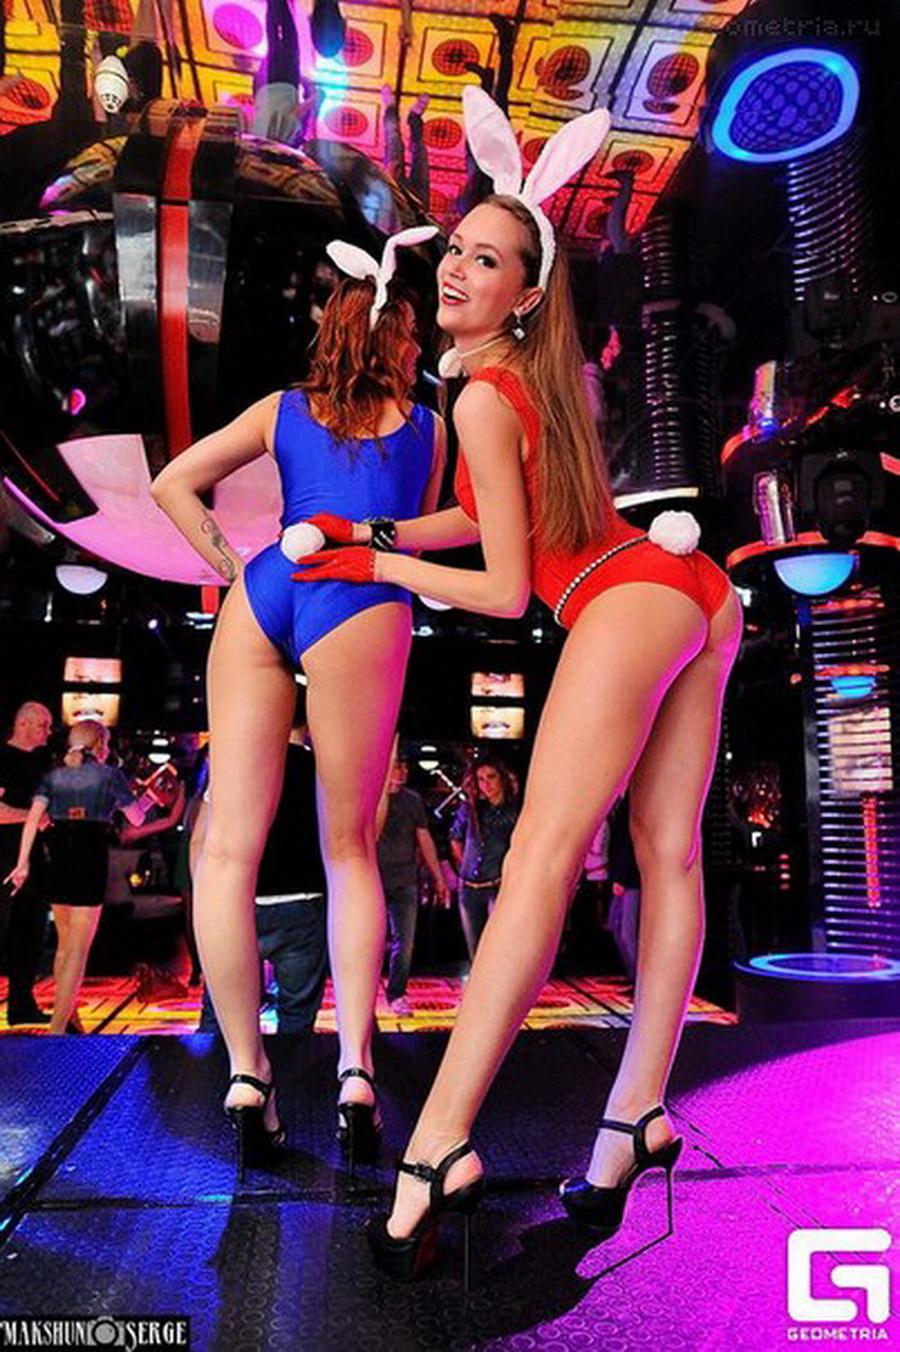 «Вторая вице-мисс» Наталья Башура танцует go-go в клубе «Next»